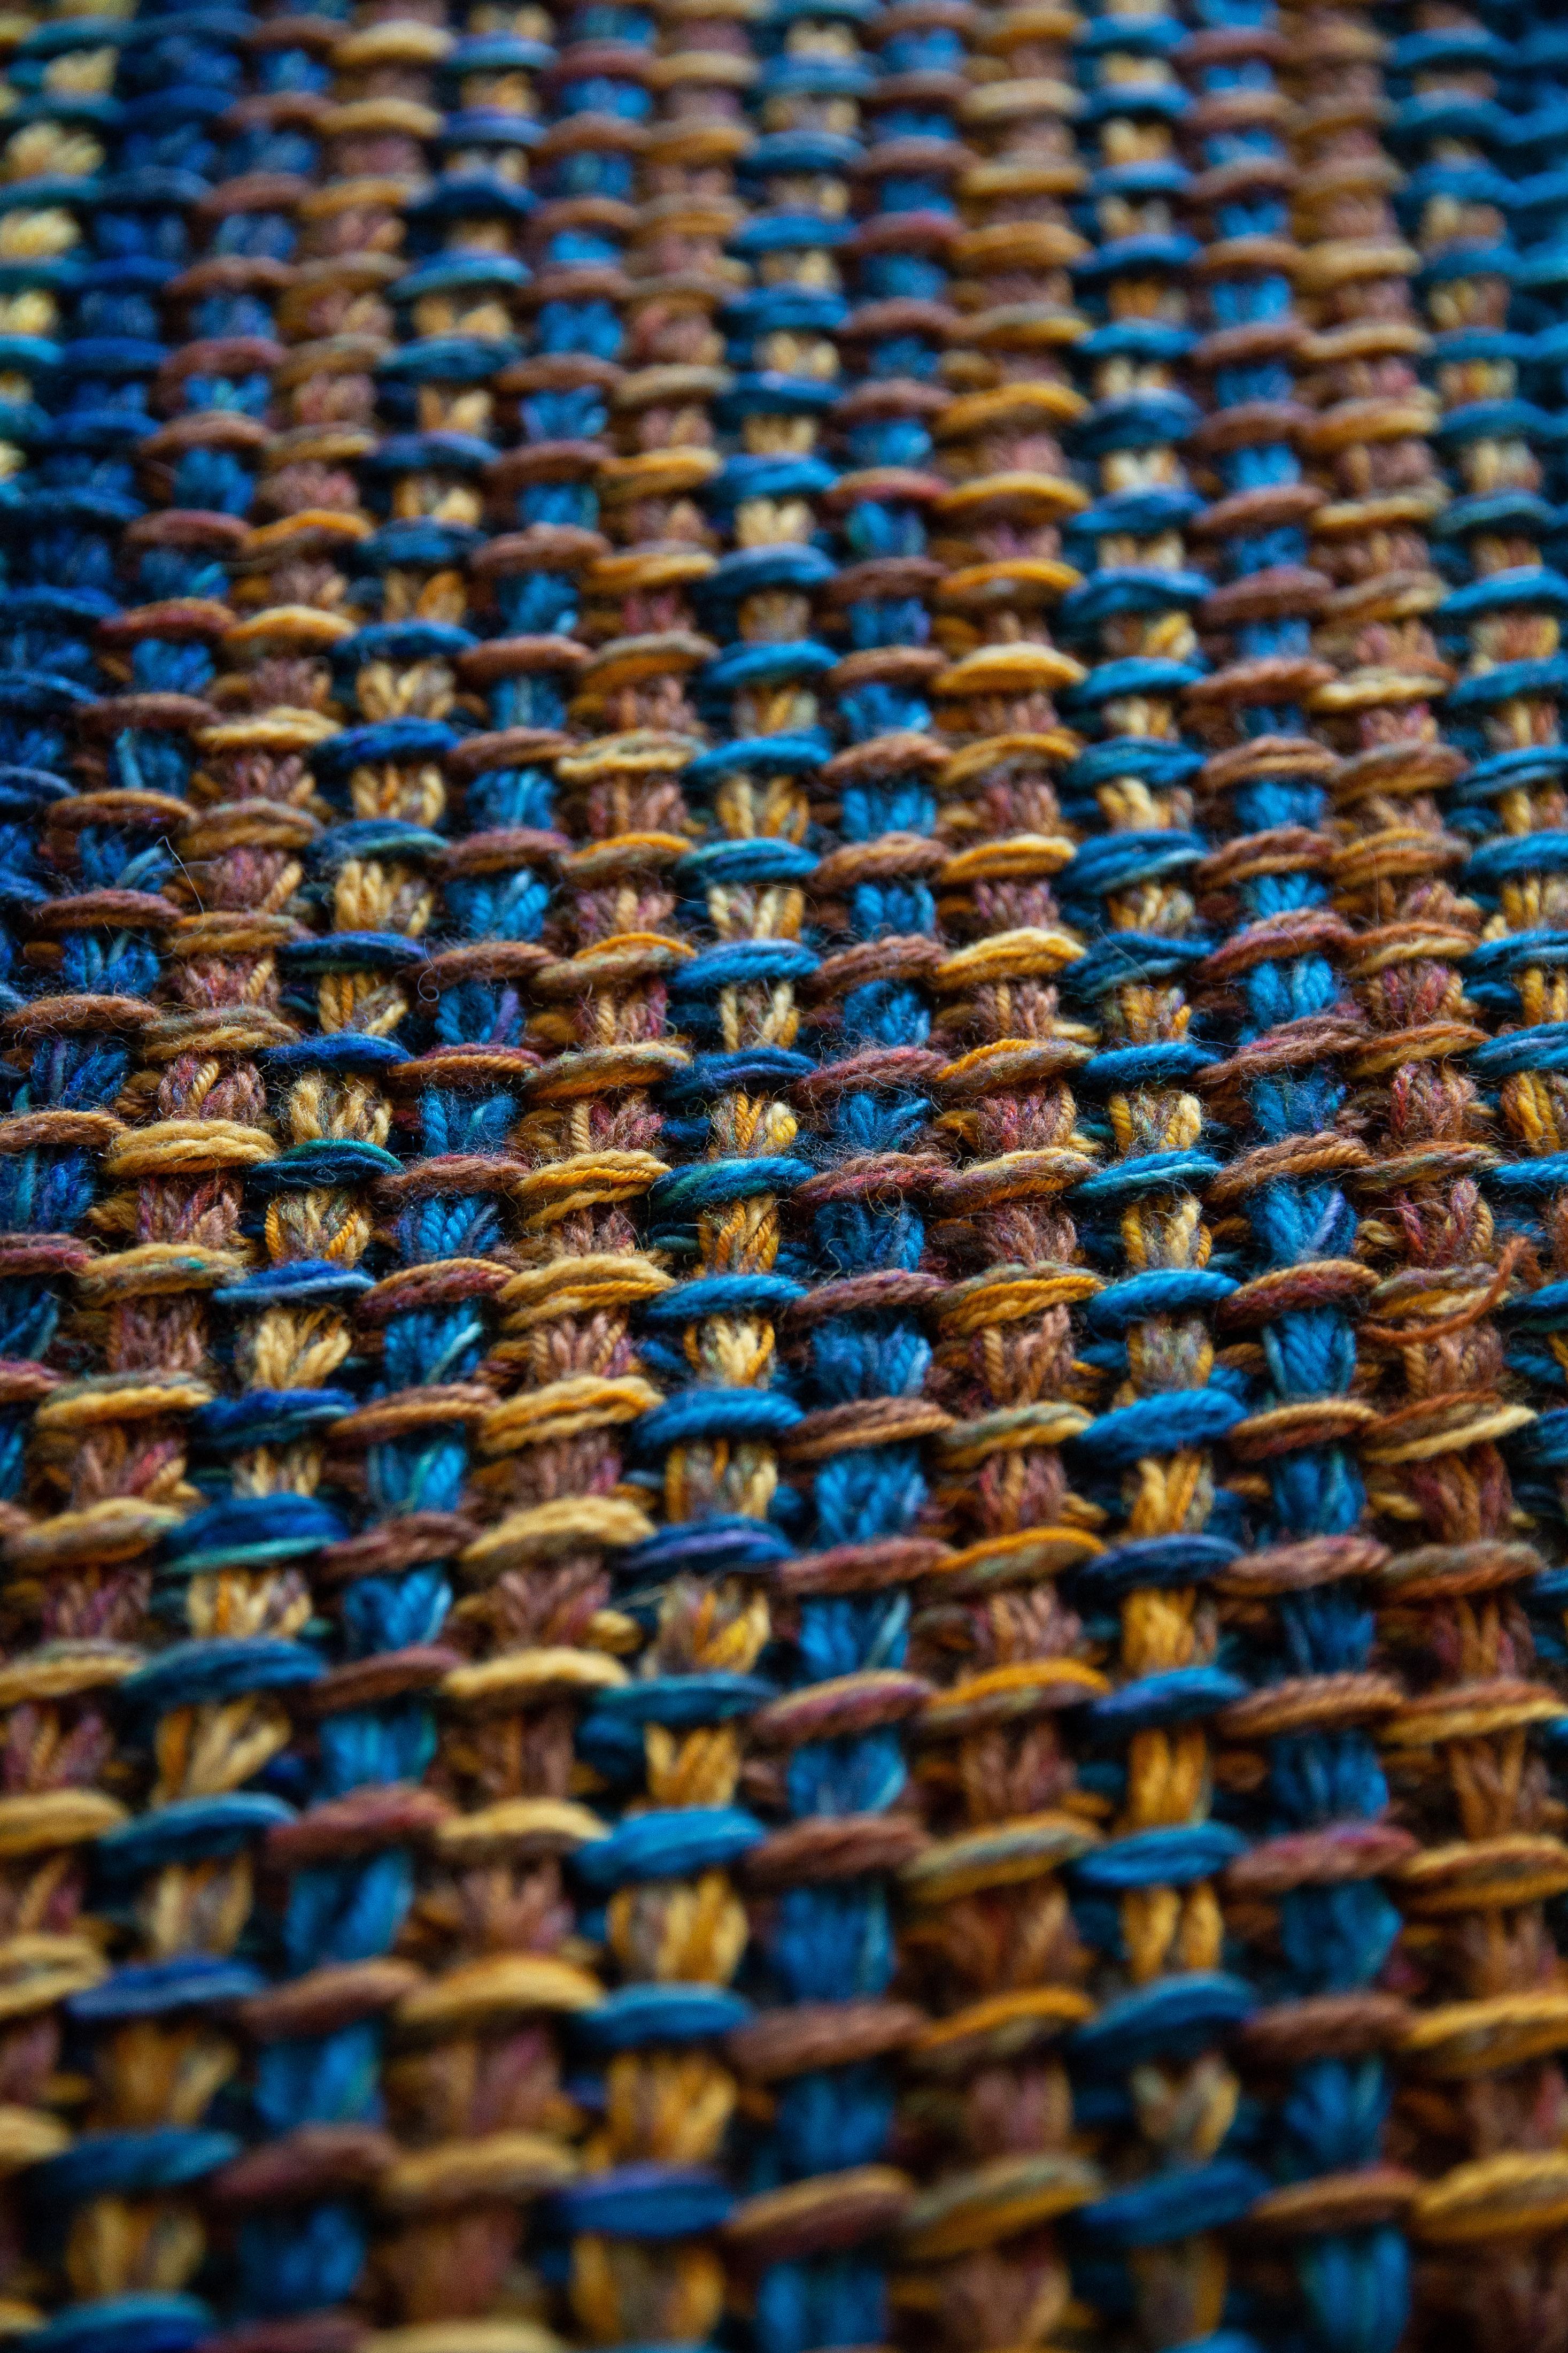 Detail of Tunisian crochet blanket